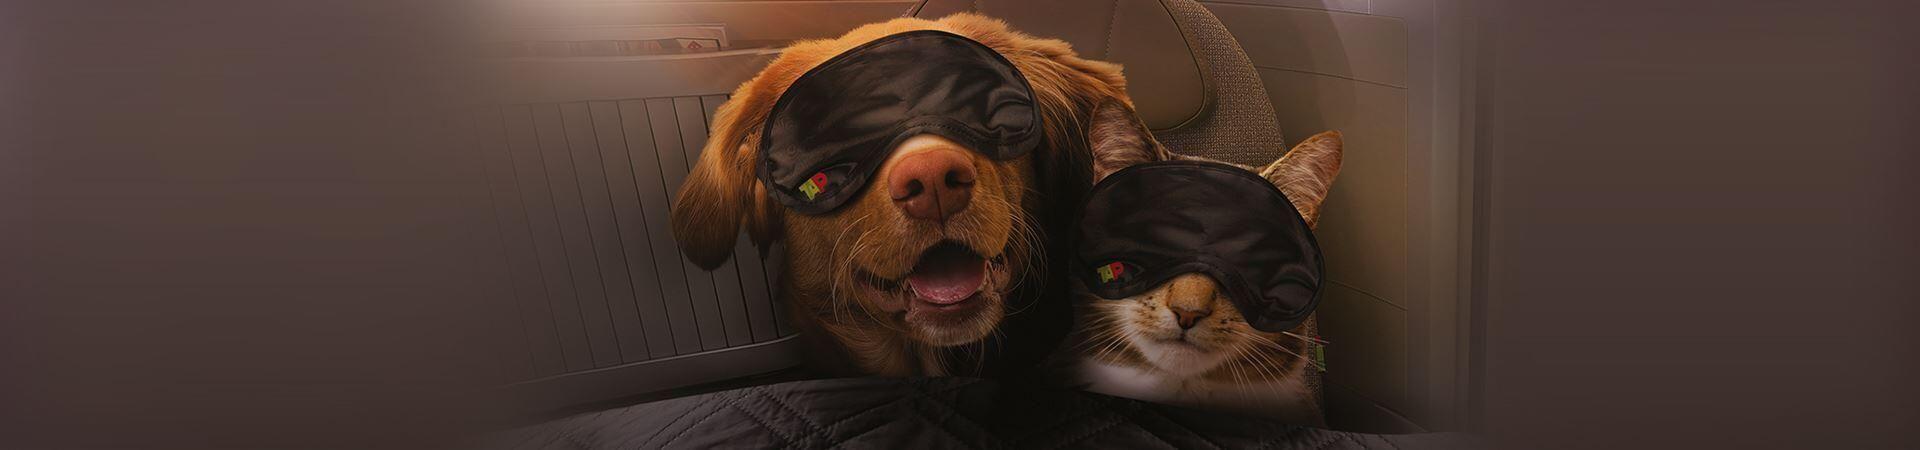 tap miles&go pets